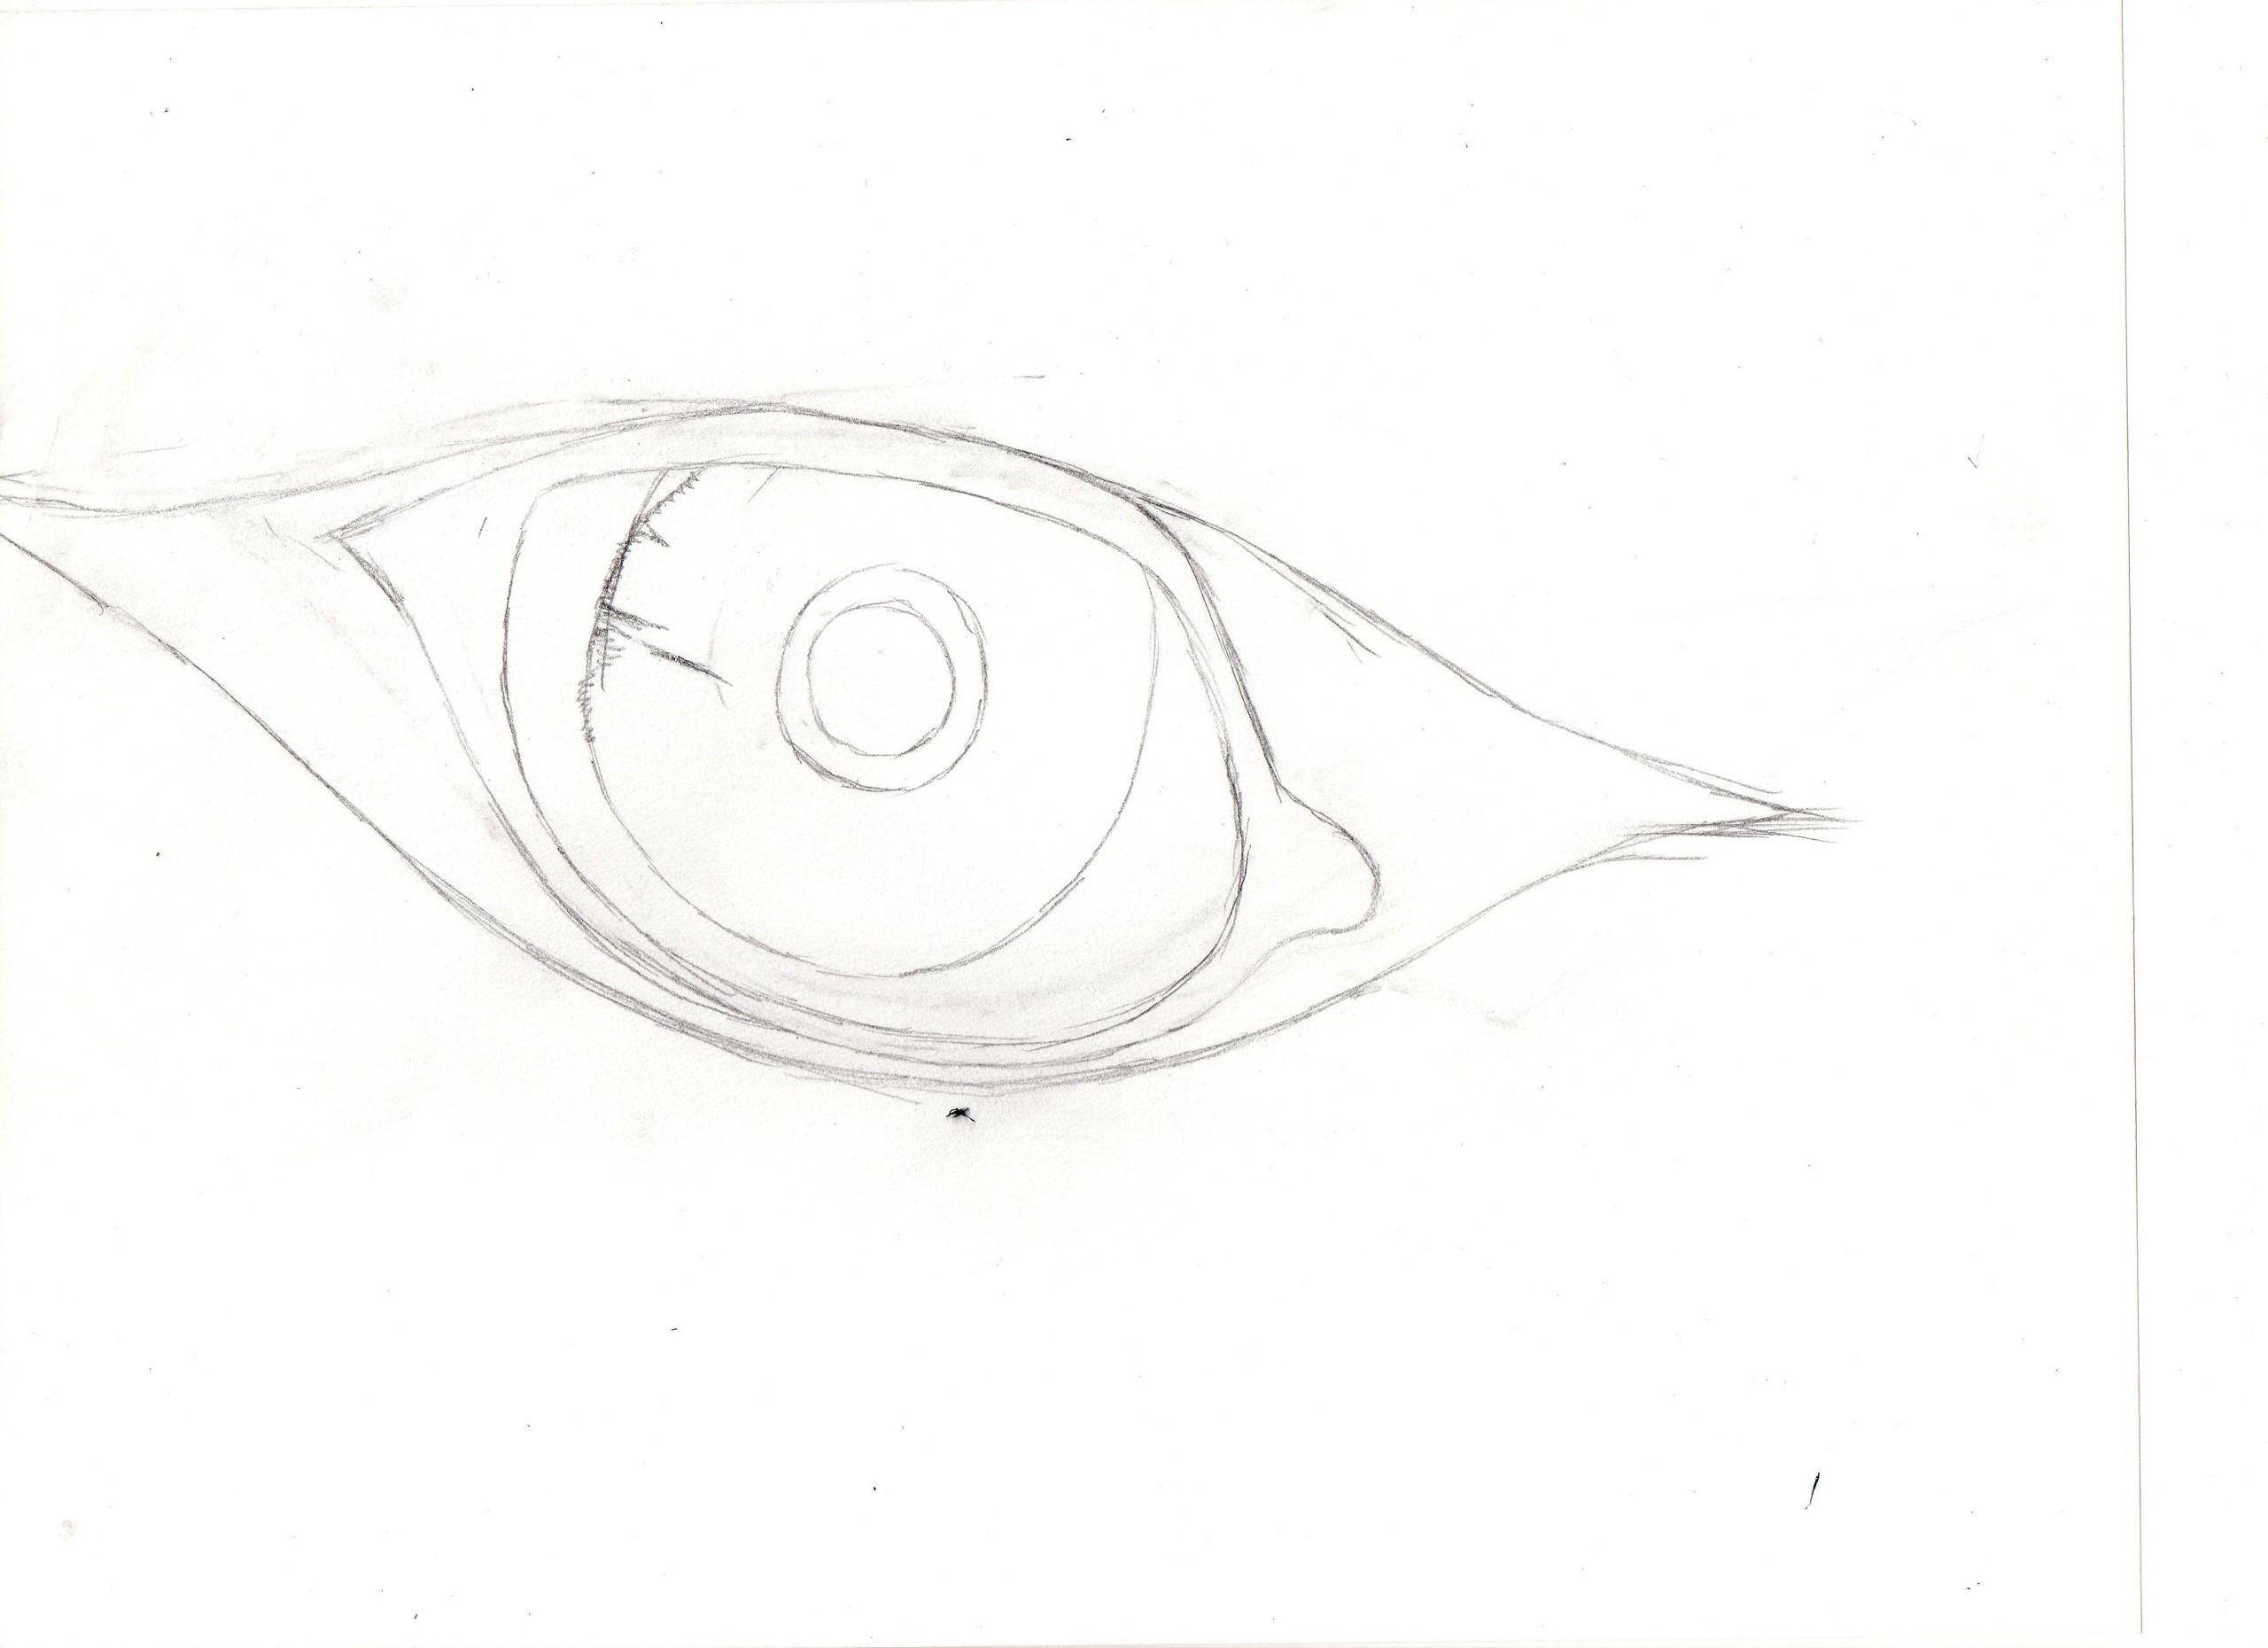 भेड़िया eye